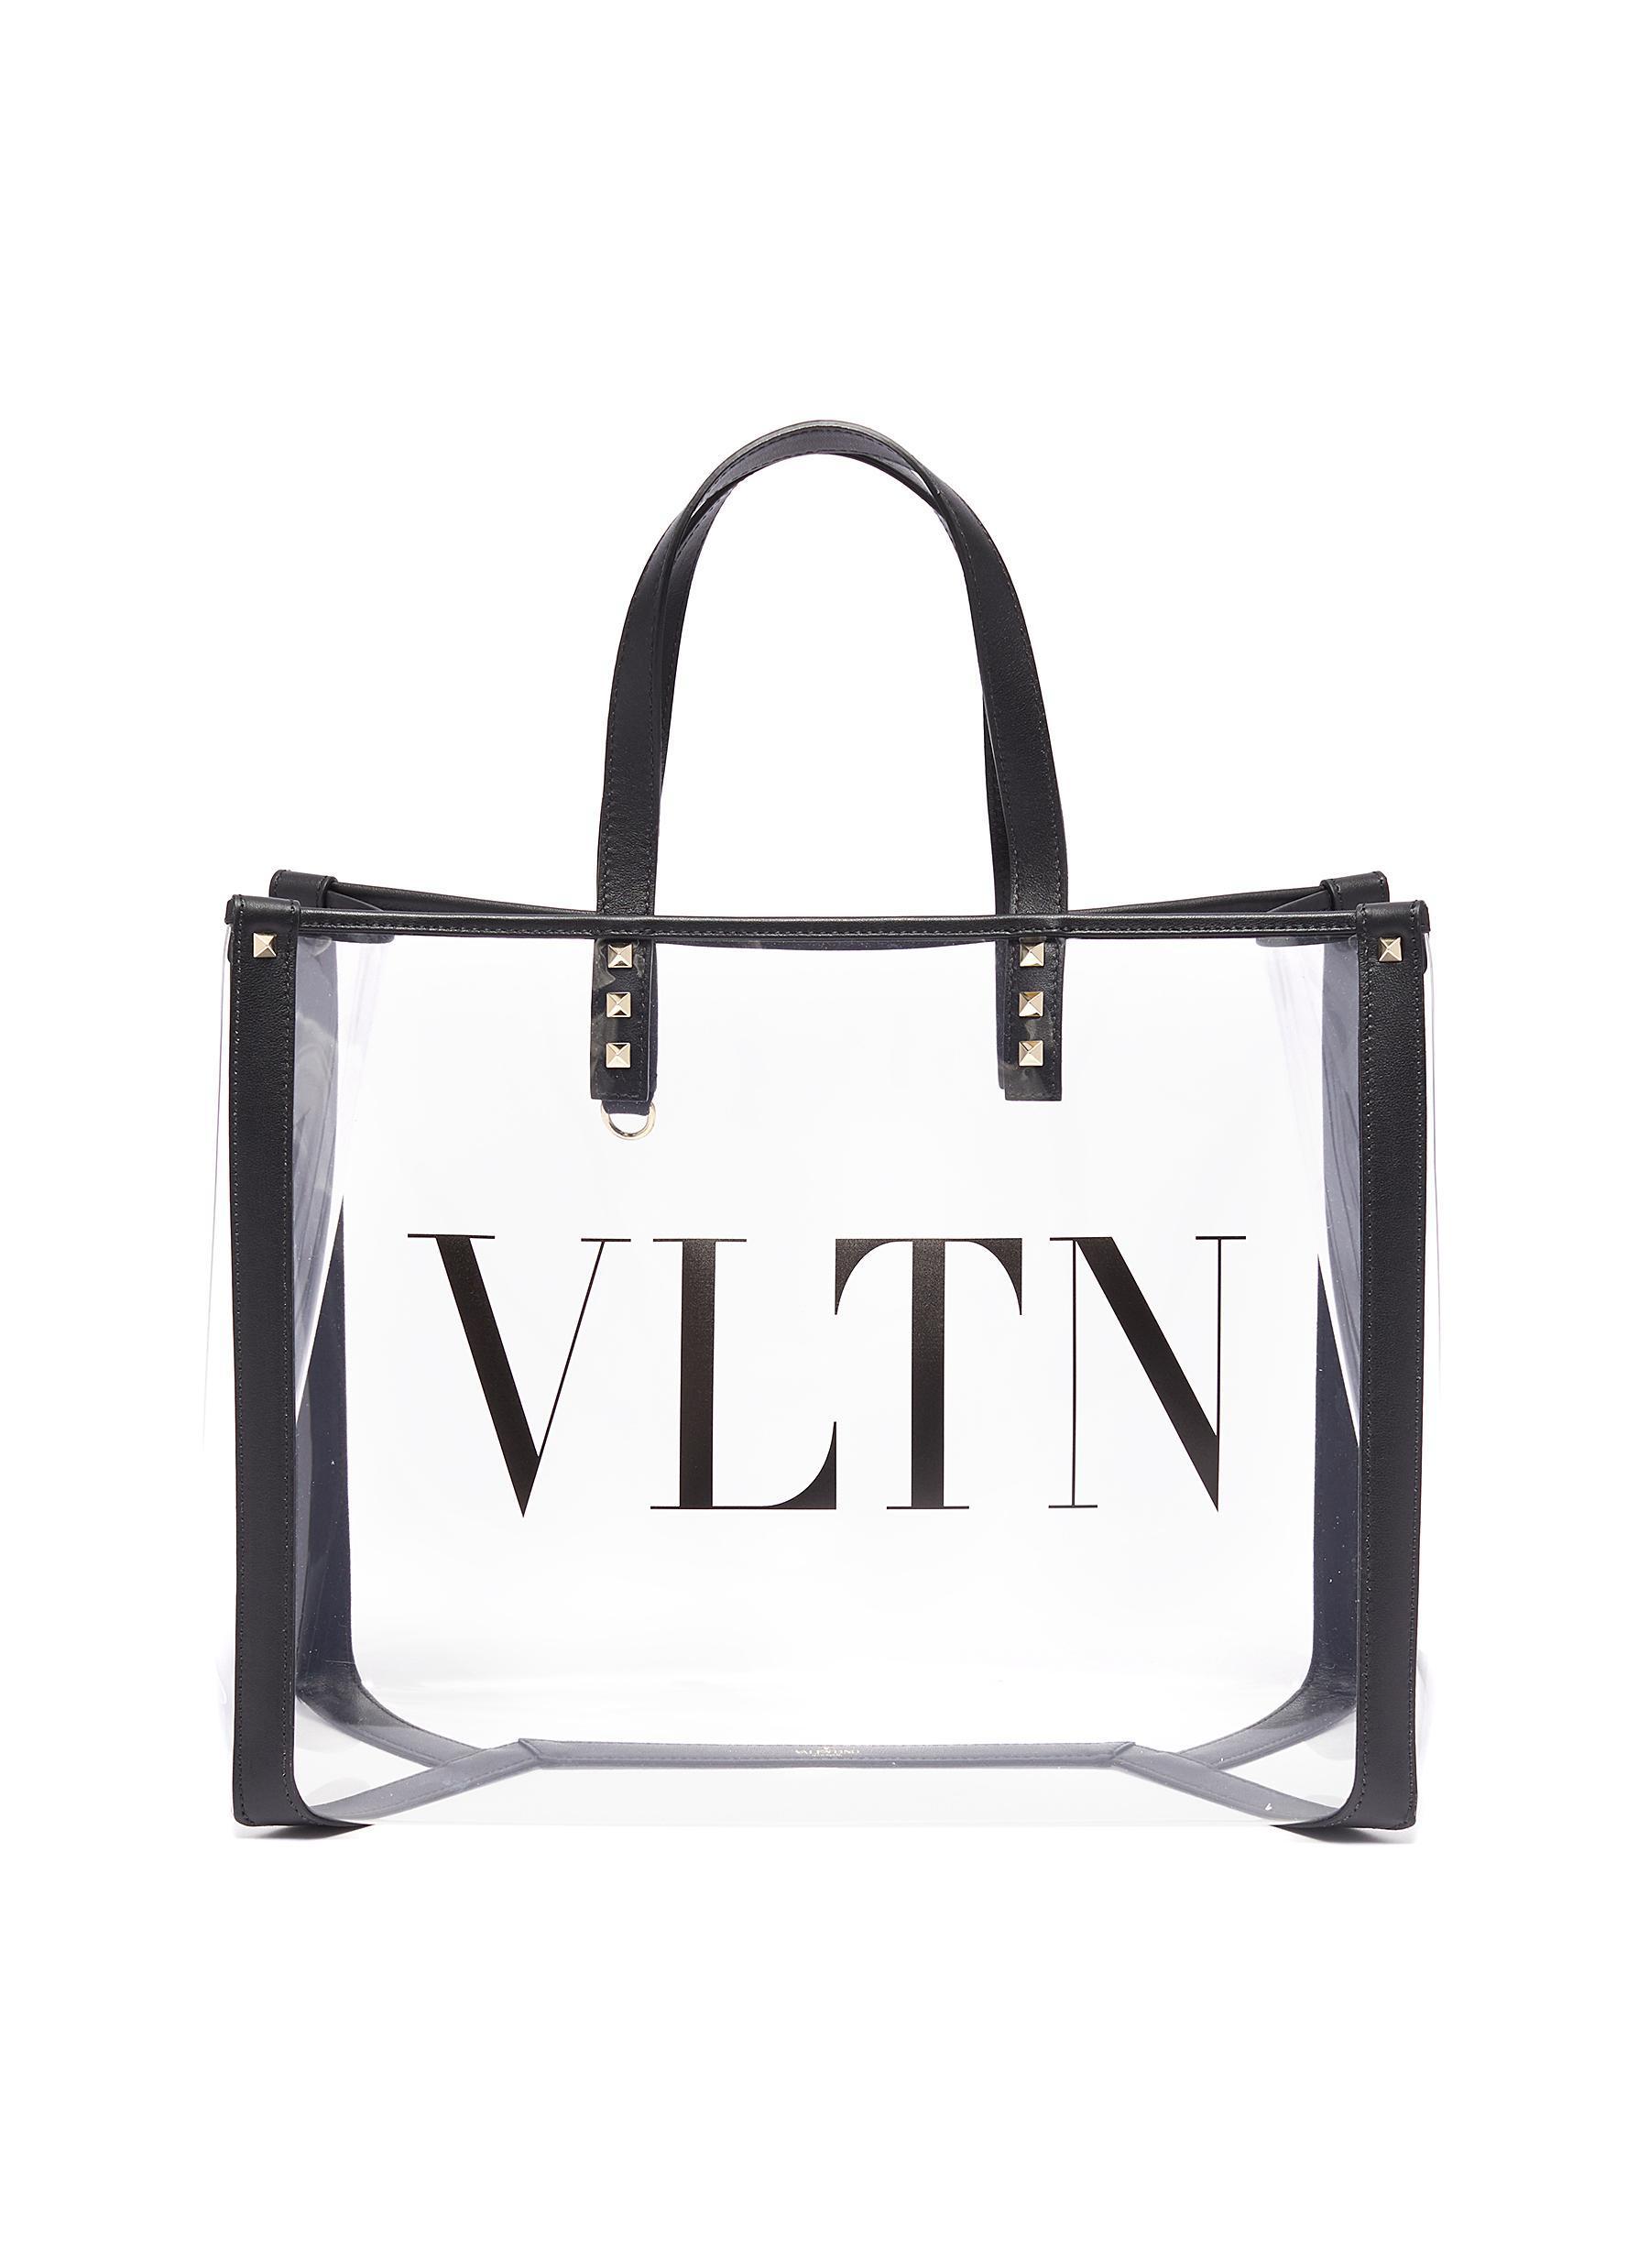 7c633750e Lyst - Valentino Rockstud Logo Print Pvc Tote in White